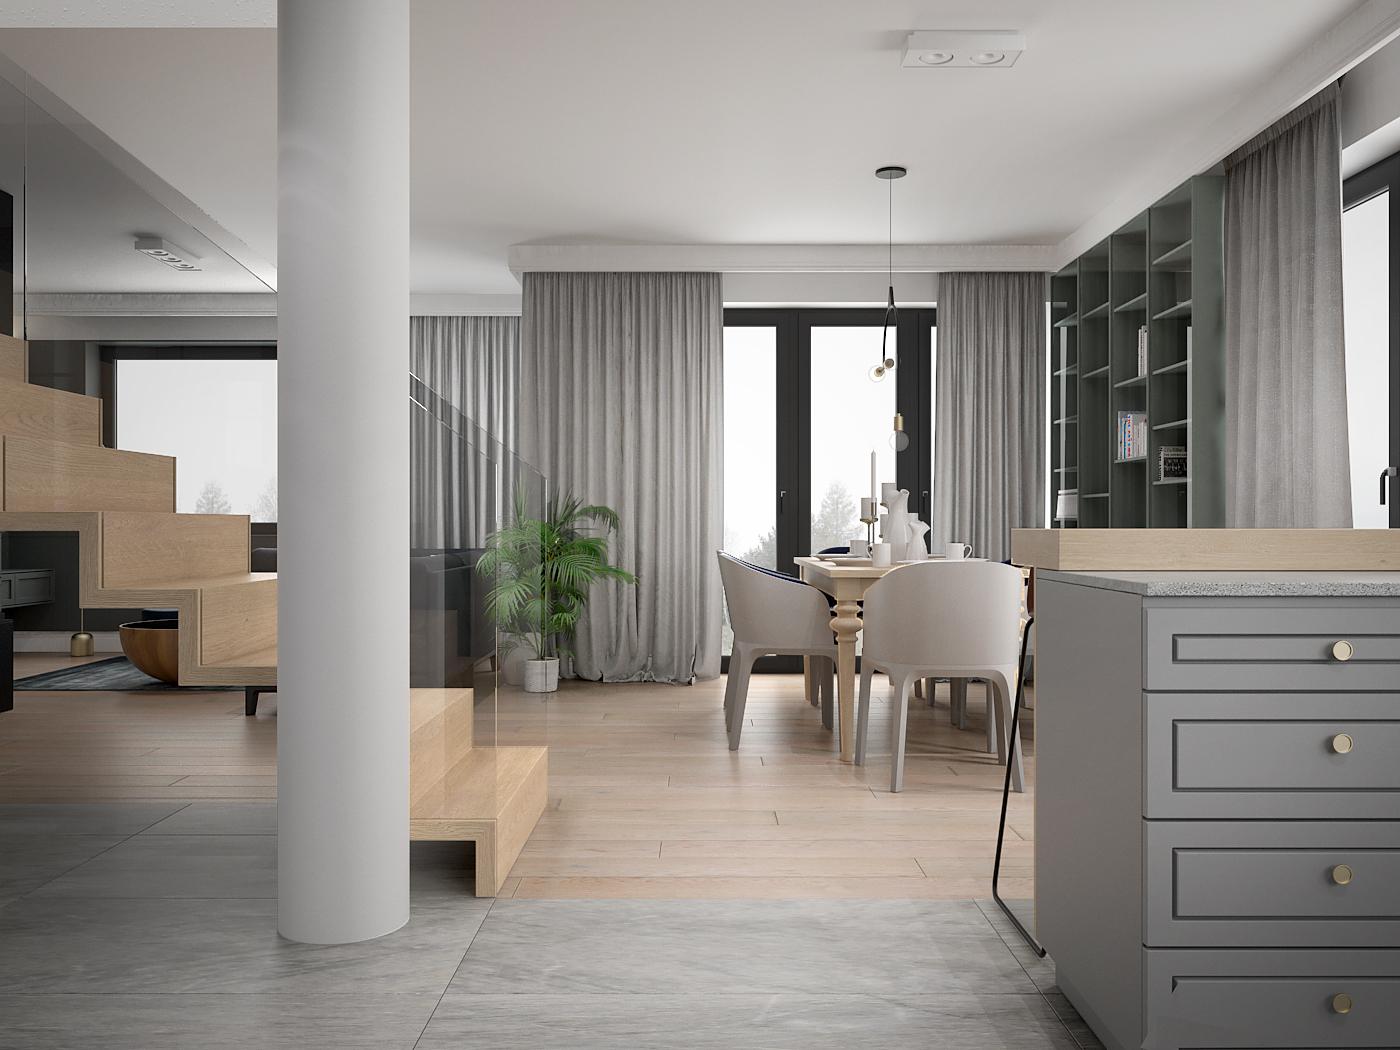 2 architek wnetrz D538 dom nowy sacz salon z jadalnia schody dywanowe klasyczny styl